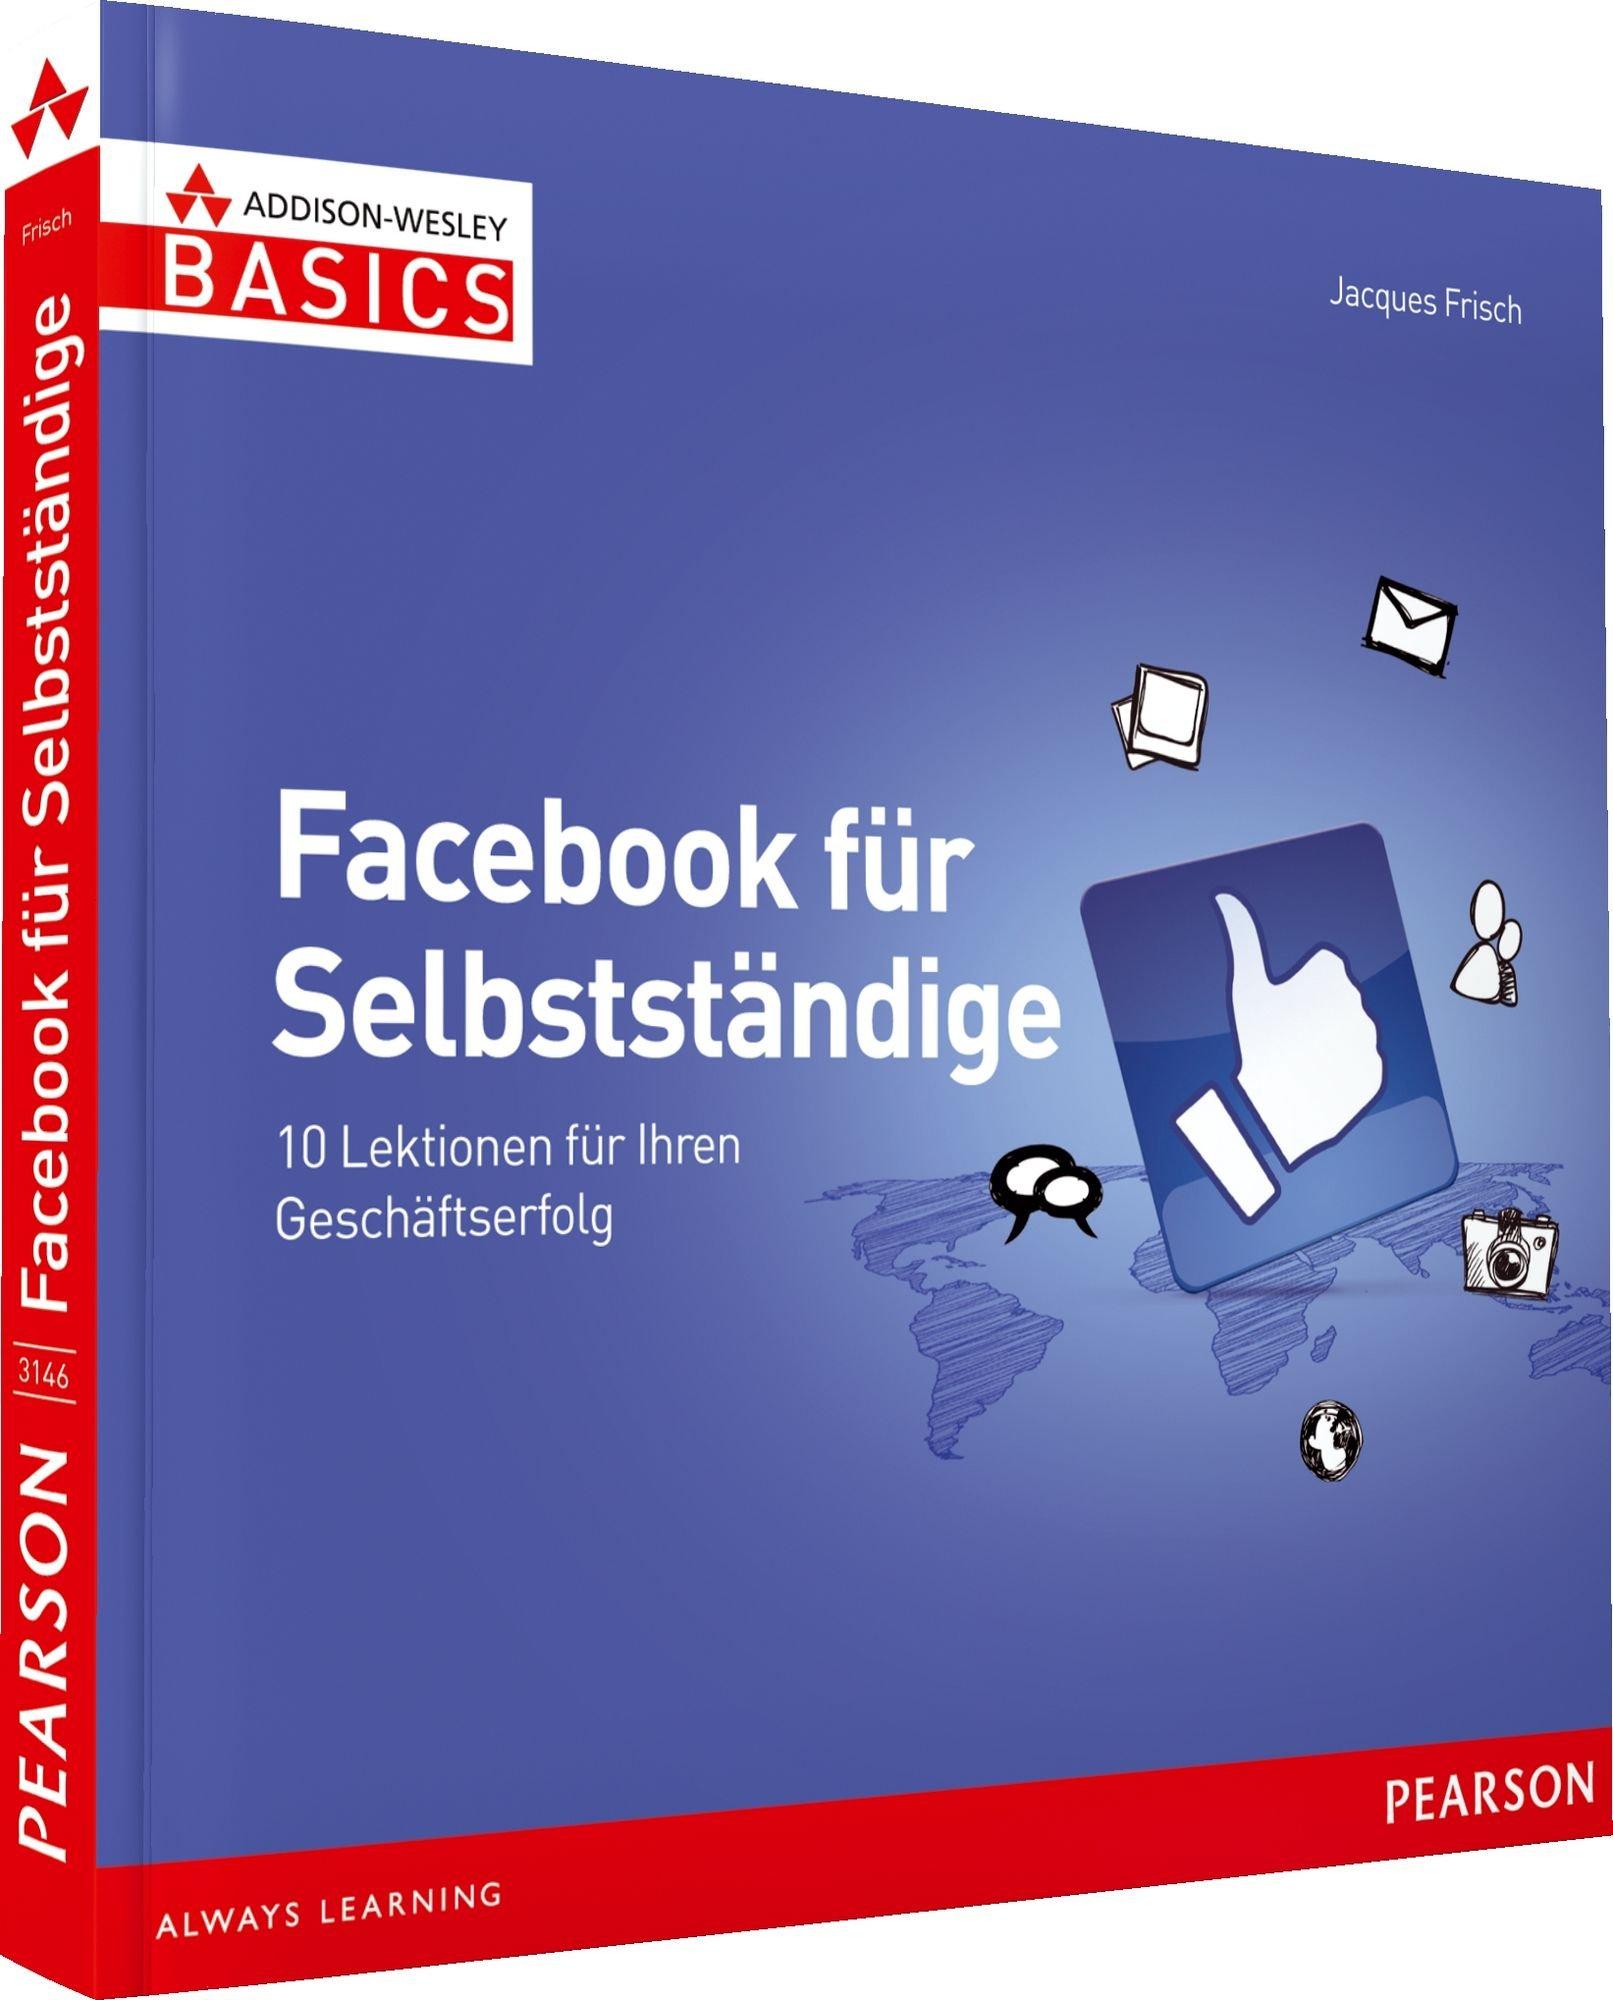 Facebook für Selbstständige - Grundlagen Social Media Marketing  in Farbe, leicht und sofort: 10 Lektionen für Ihren Geschäftserfolg (AW Basics)